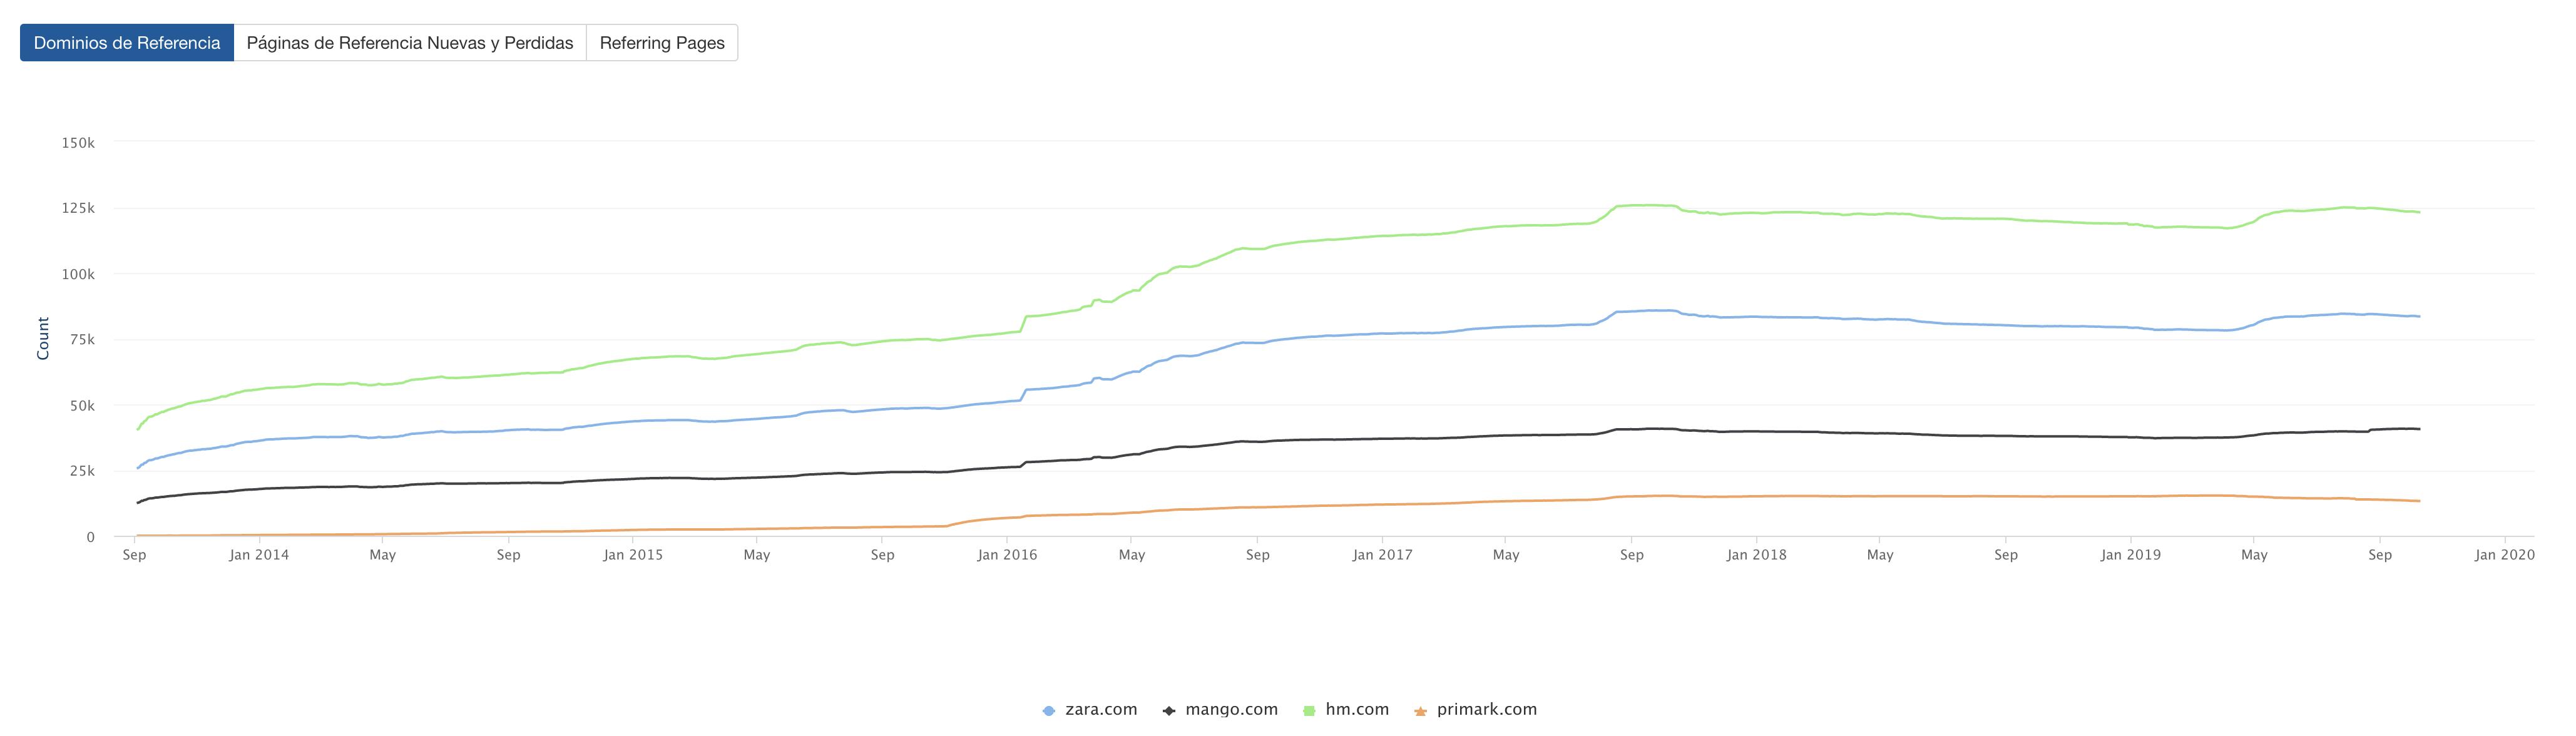 Gráfico de adquisición de enlaces